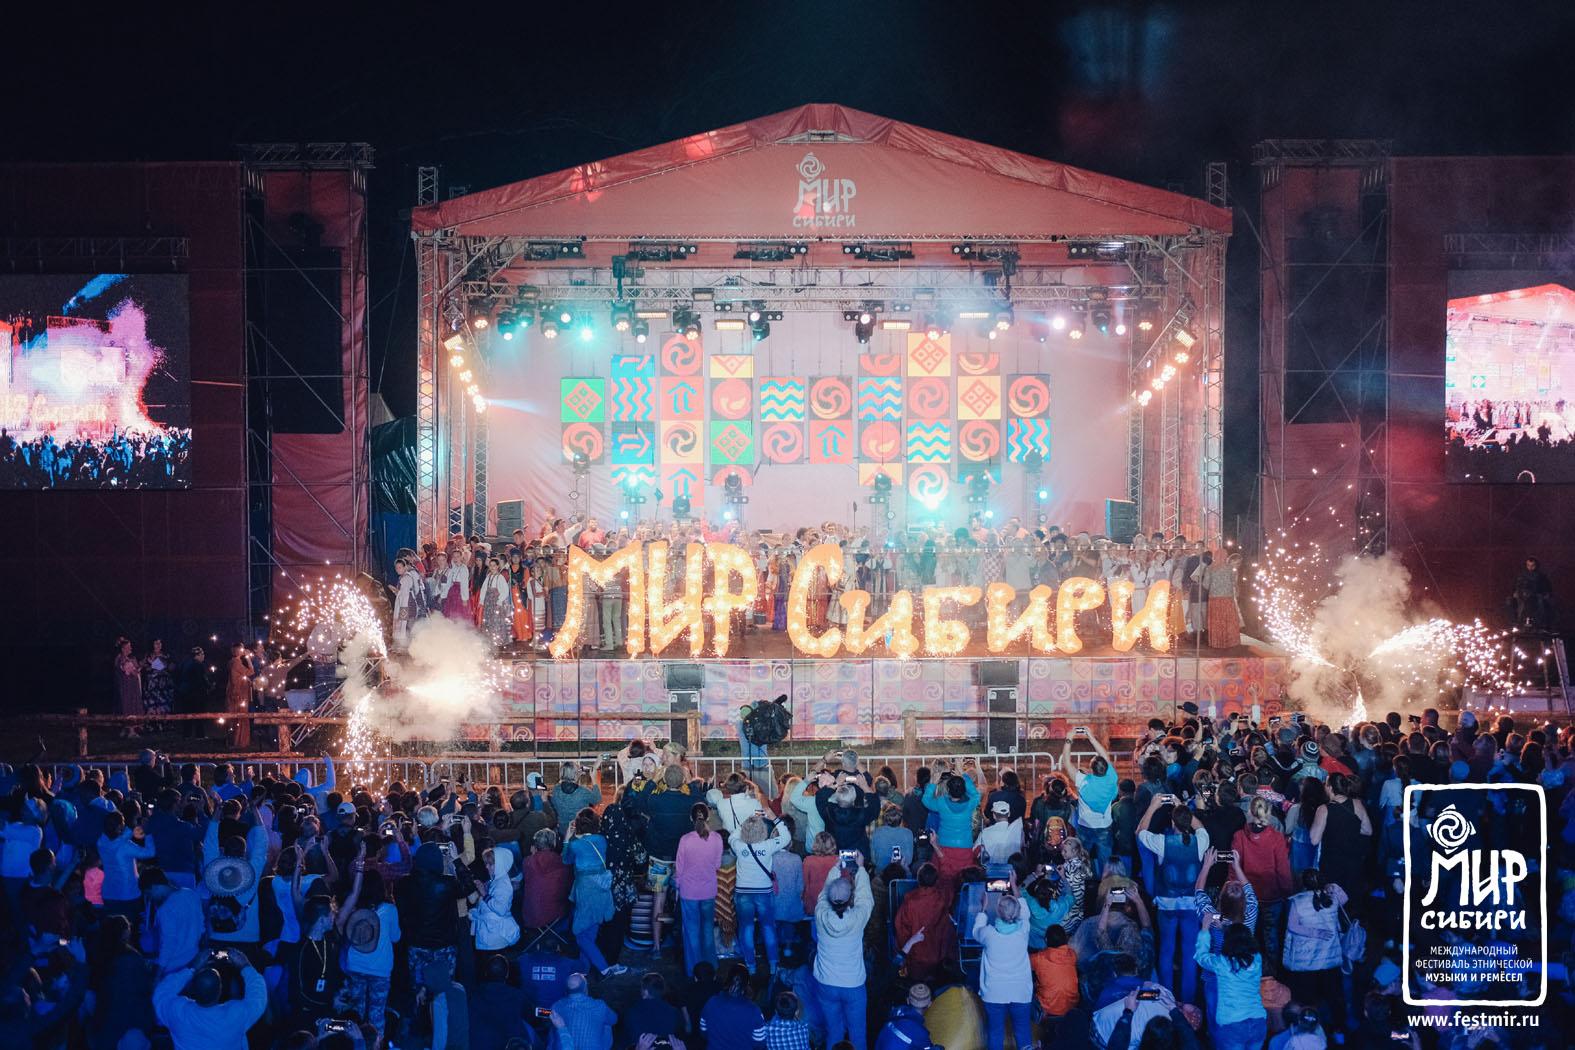 Фото: vk.com/mirsibiri